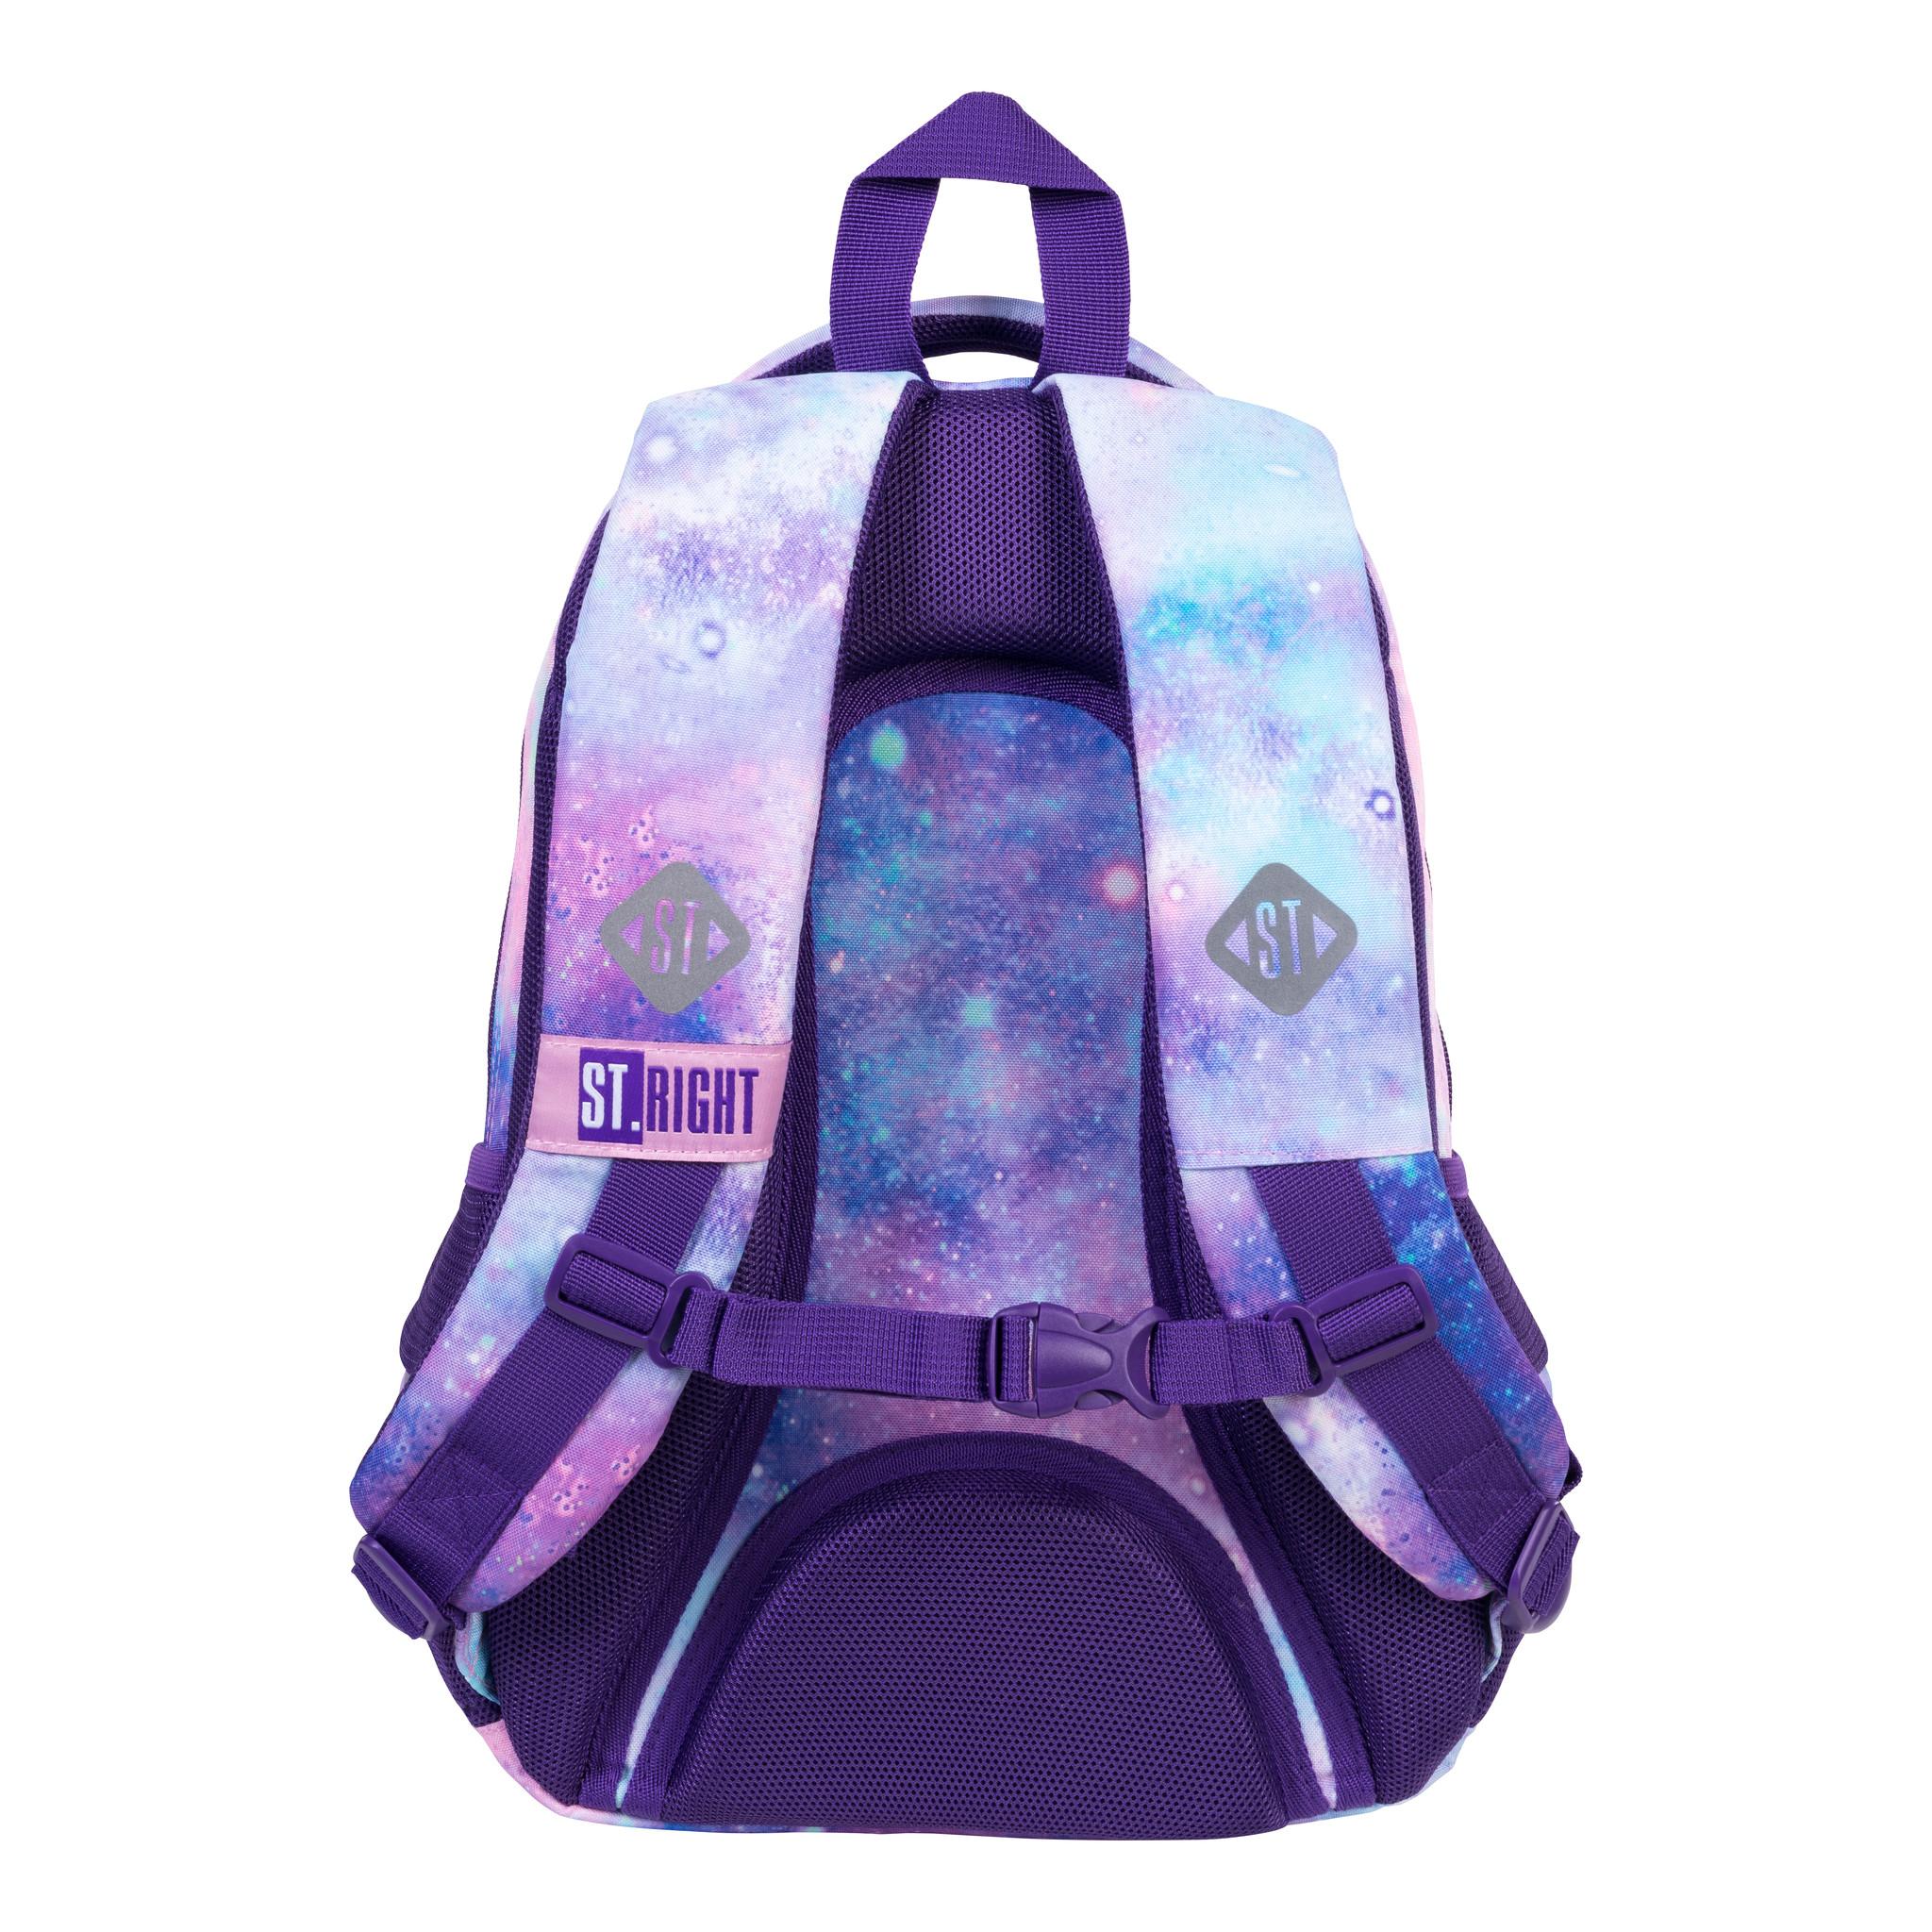 Plecak 3-komorowy BP26 Sky Unicorn/Podniebny Jednorożec